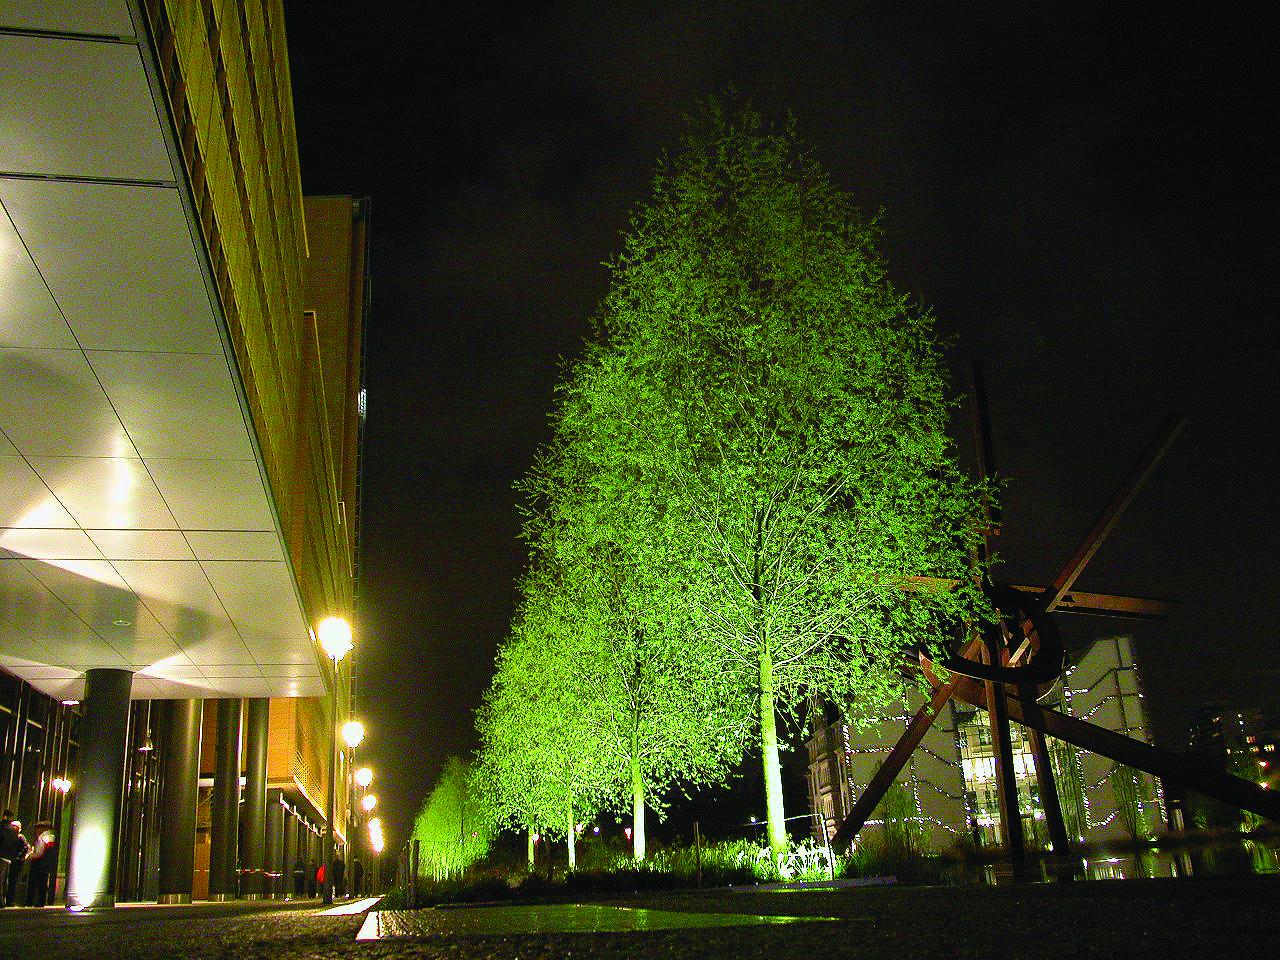 10.ライトアップされた新緑の樹木(ベルリン)